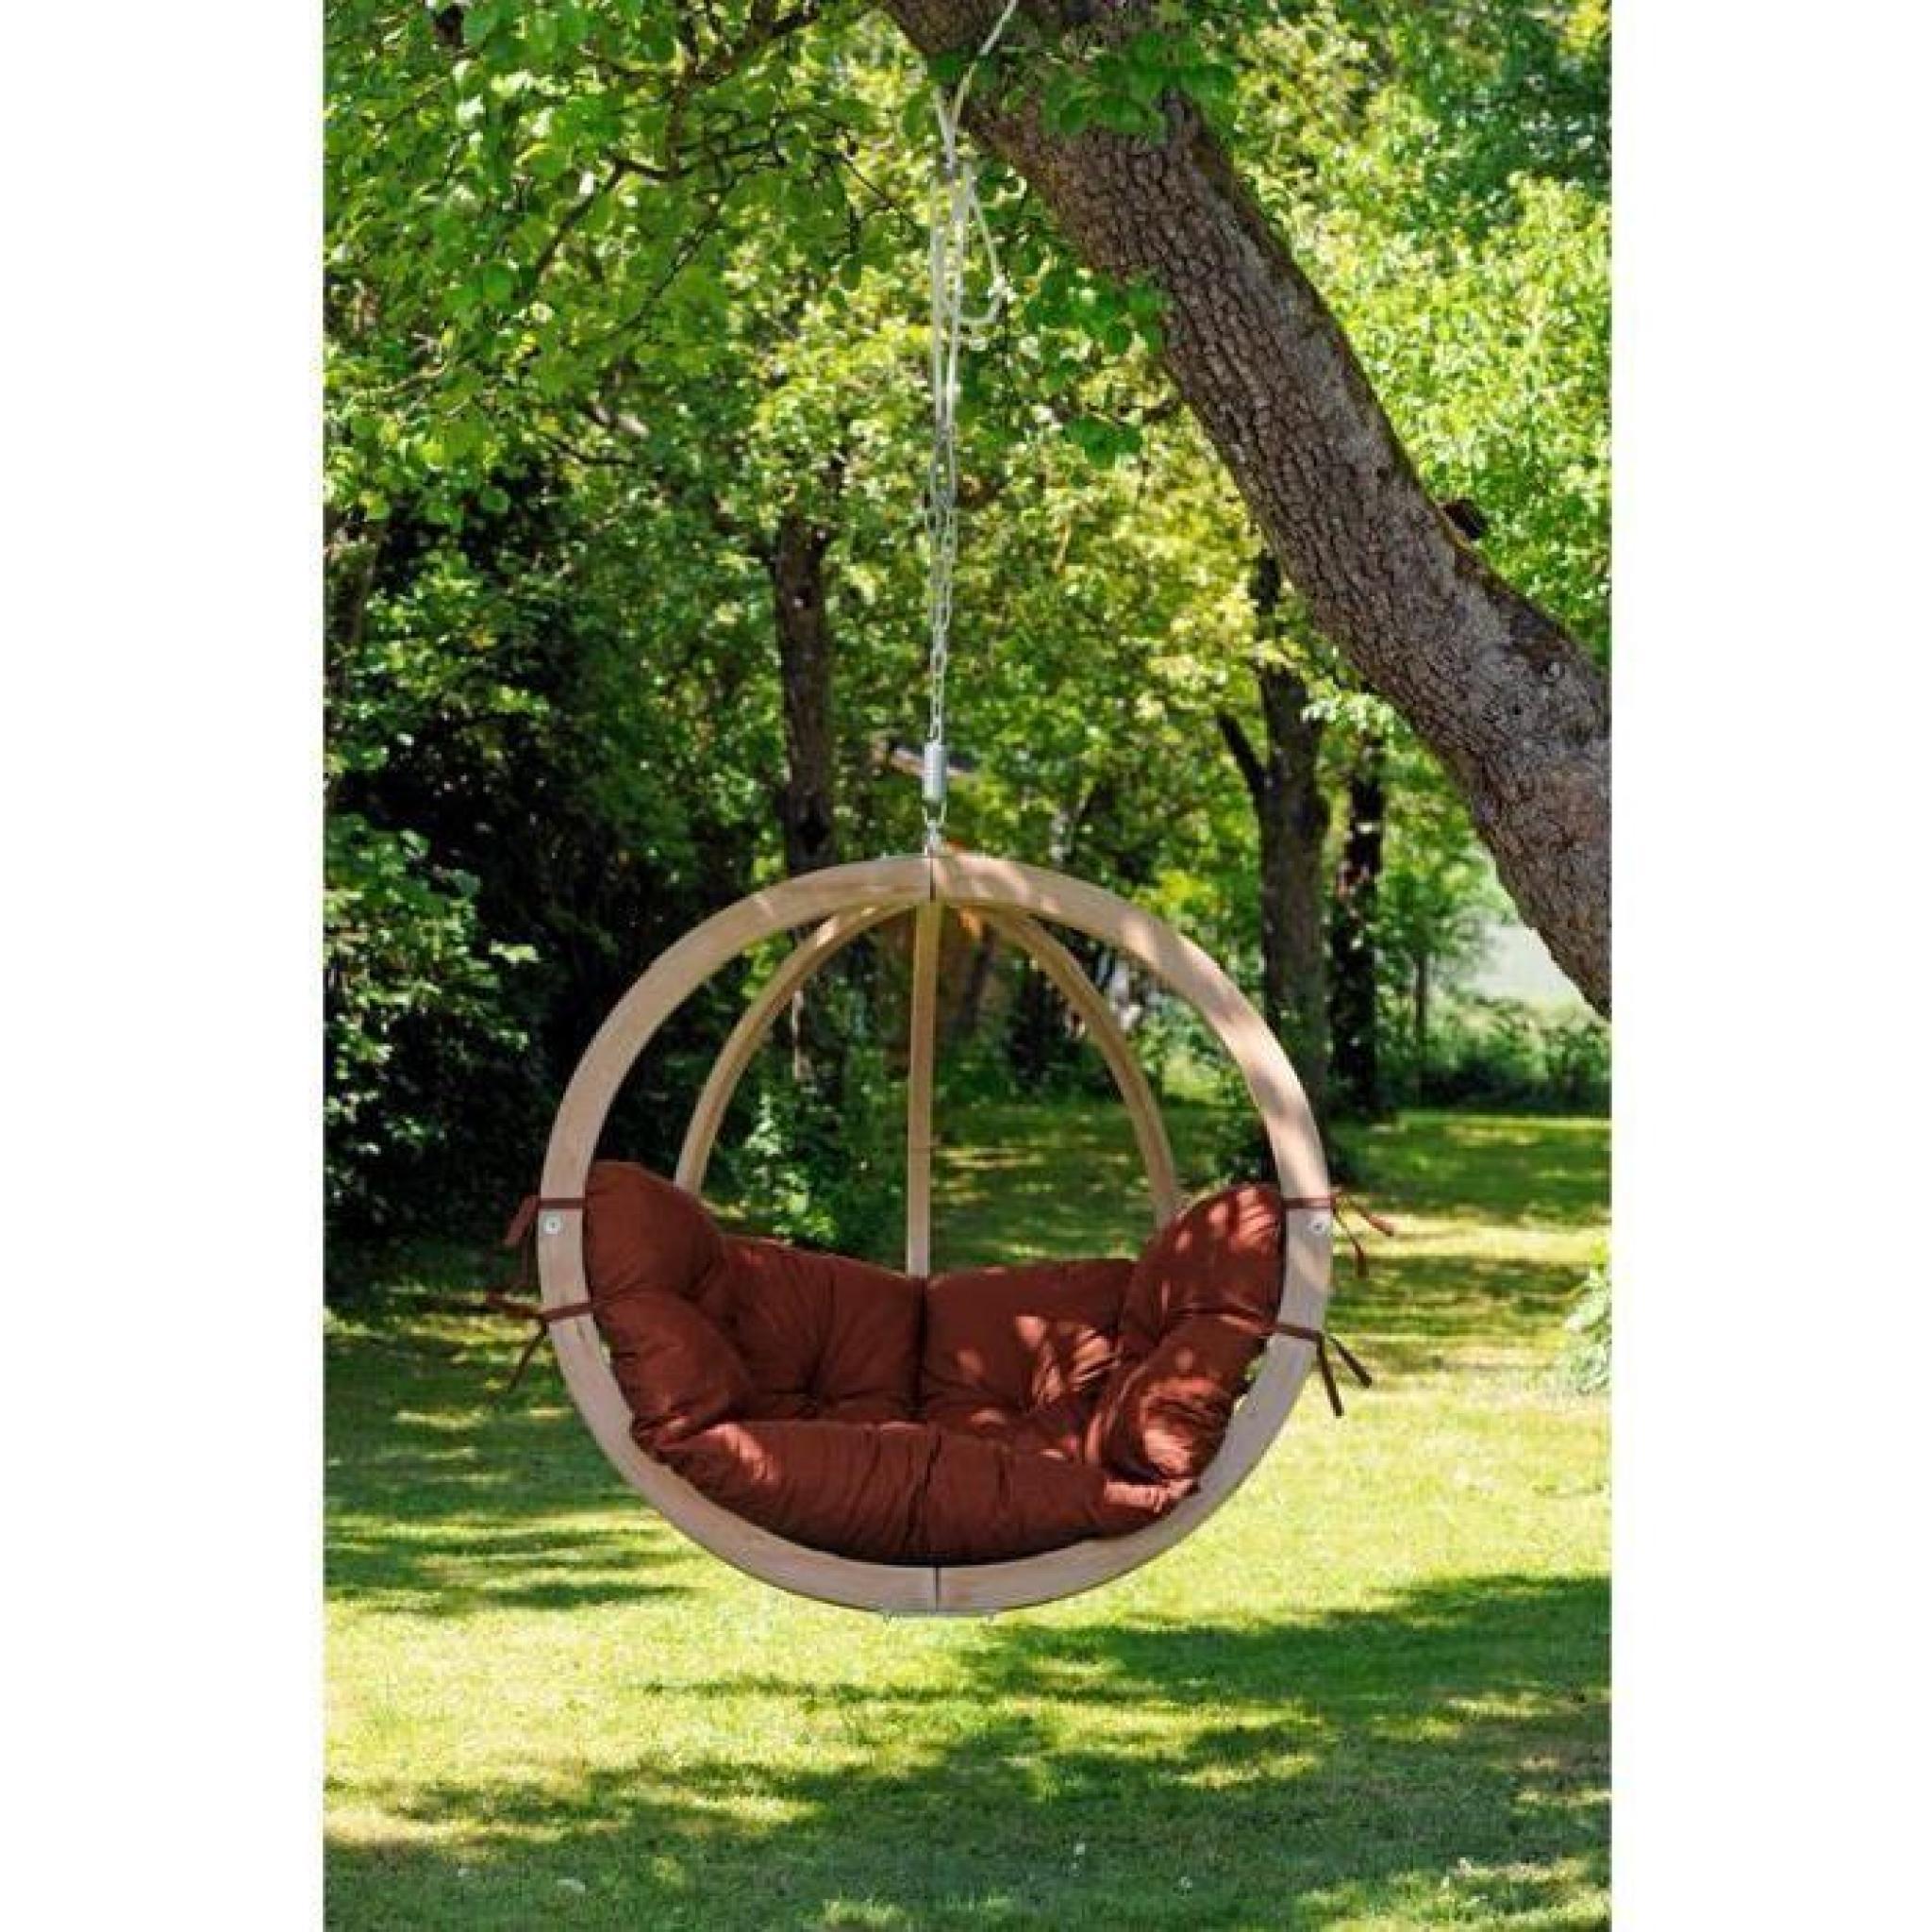 Nacelle fauteuil epicea jardin suspendu cha ne coussin moelleux luxe achat vente fauteuil - Nacelle suspendue jardin ...